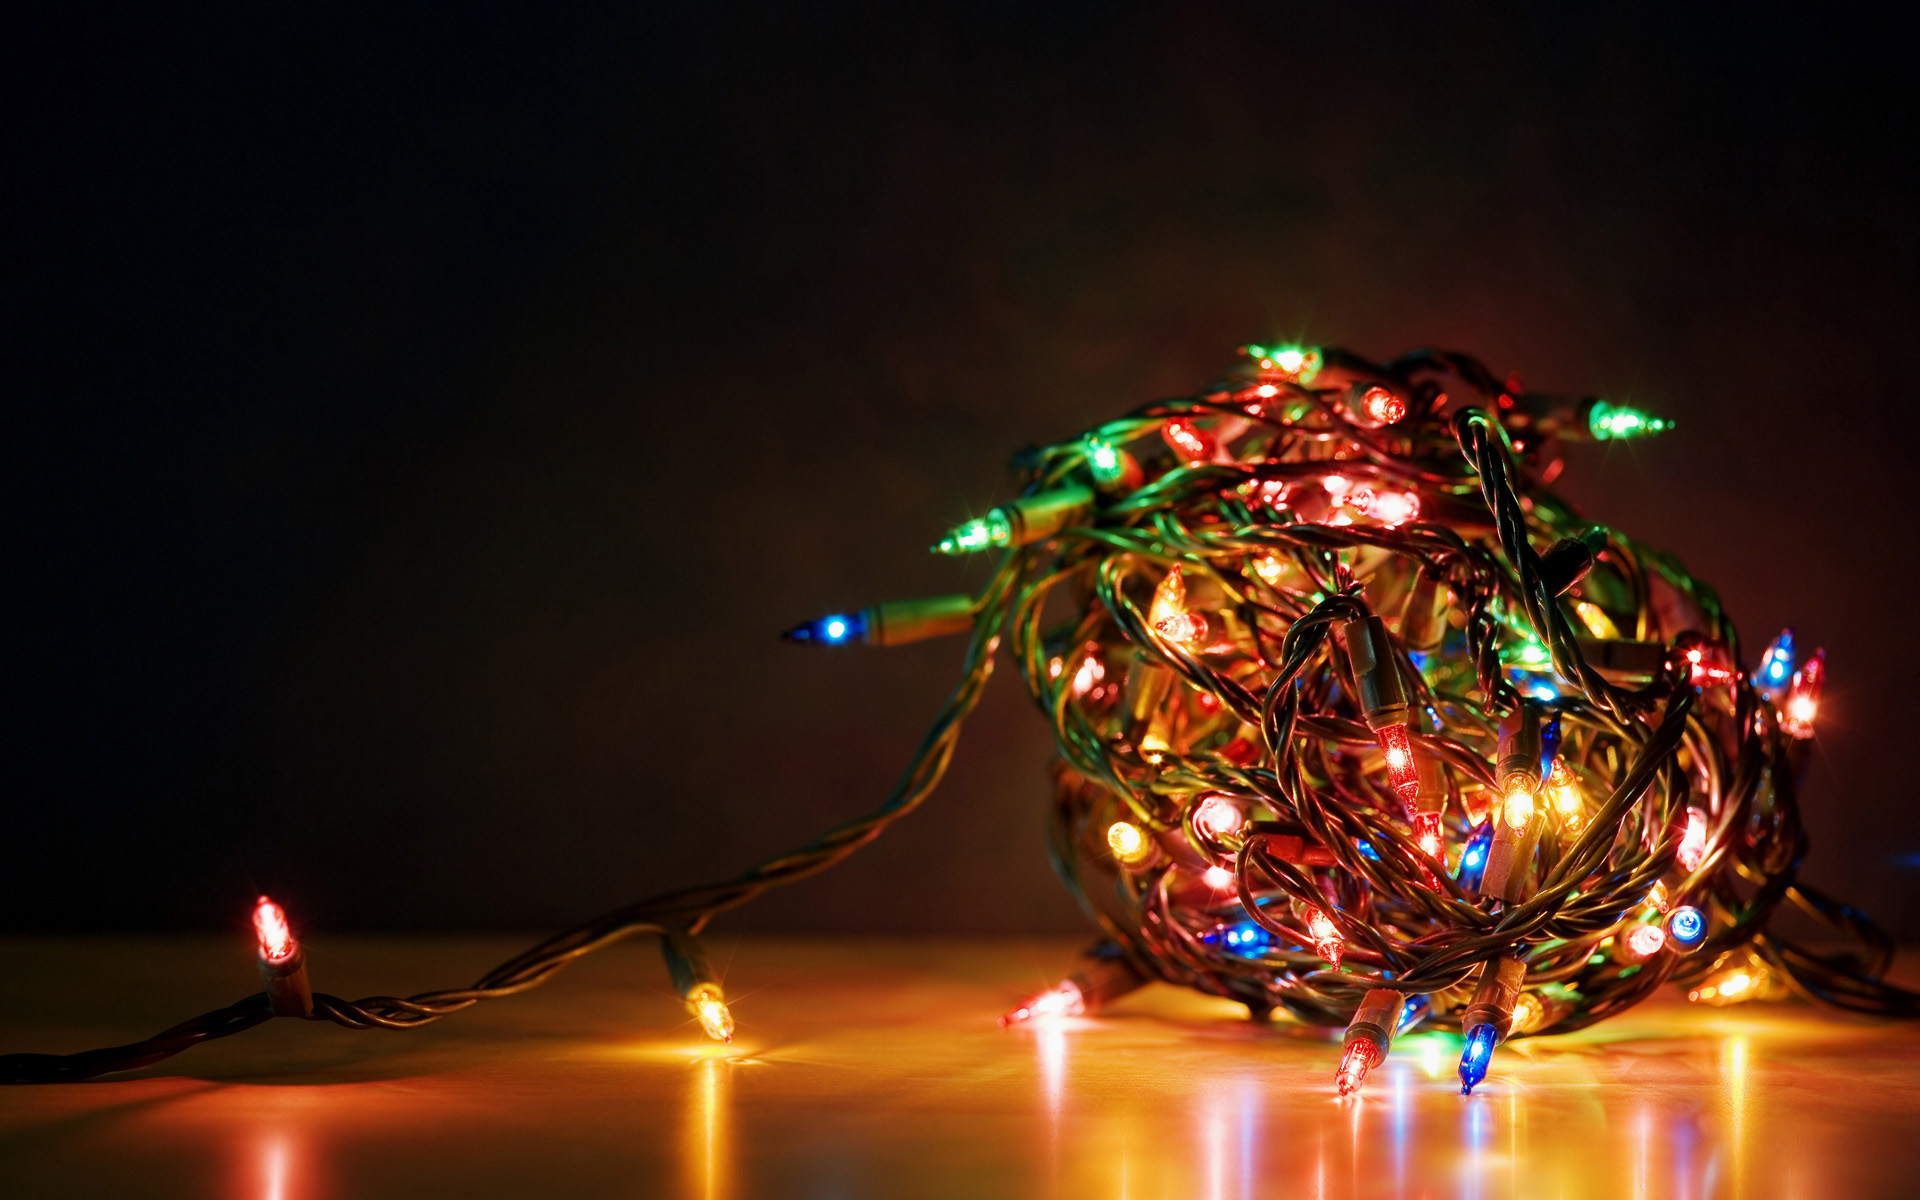 christmas lights - hd wallpapers